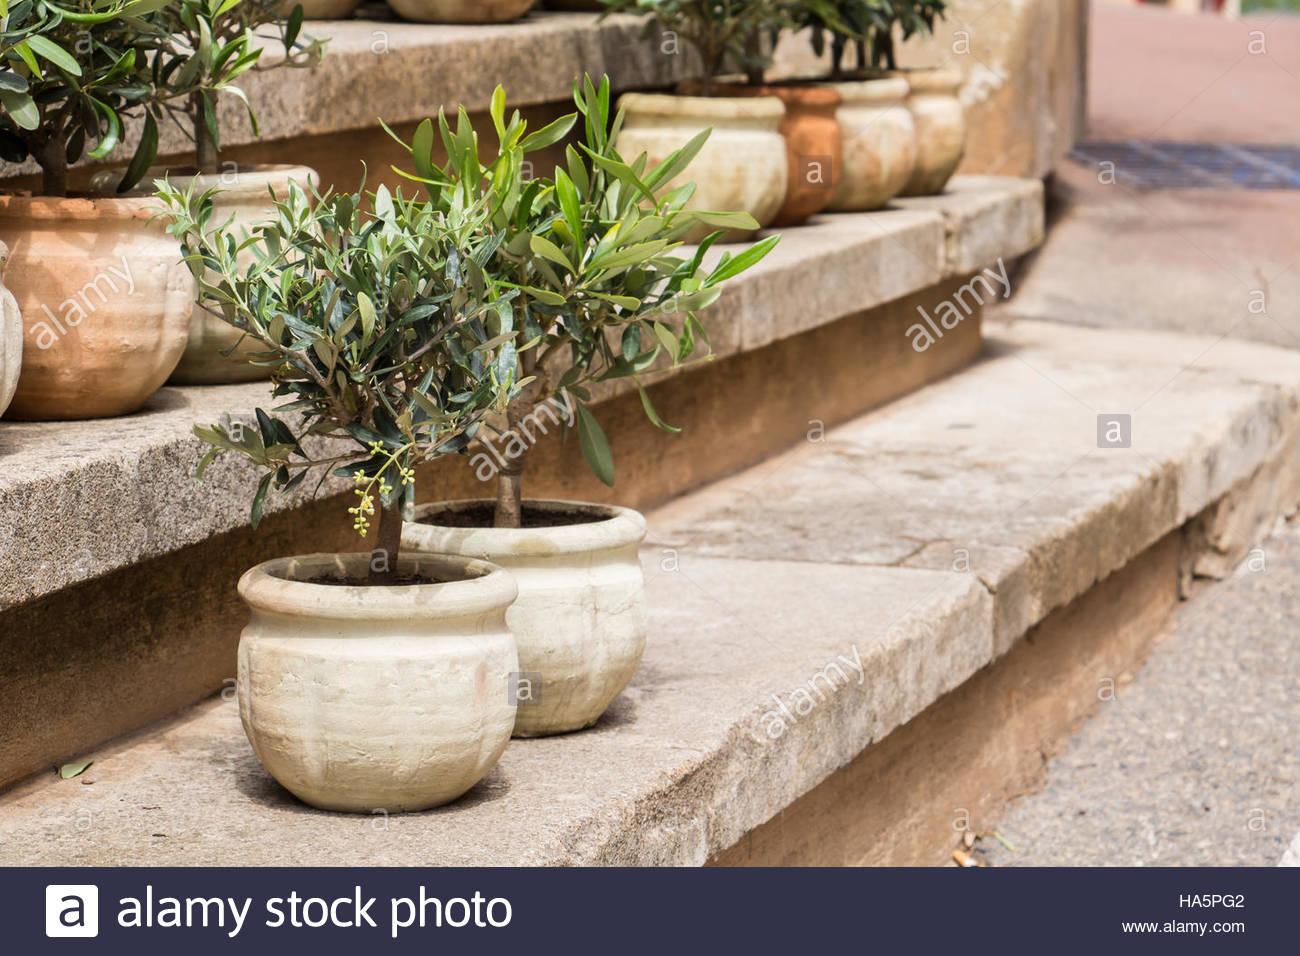 Garden Pots For Sale Stock Photos & Garden Pots For Sale Stock ...